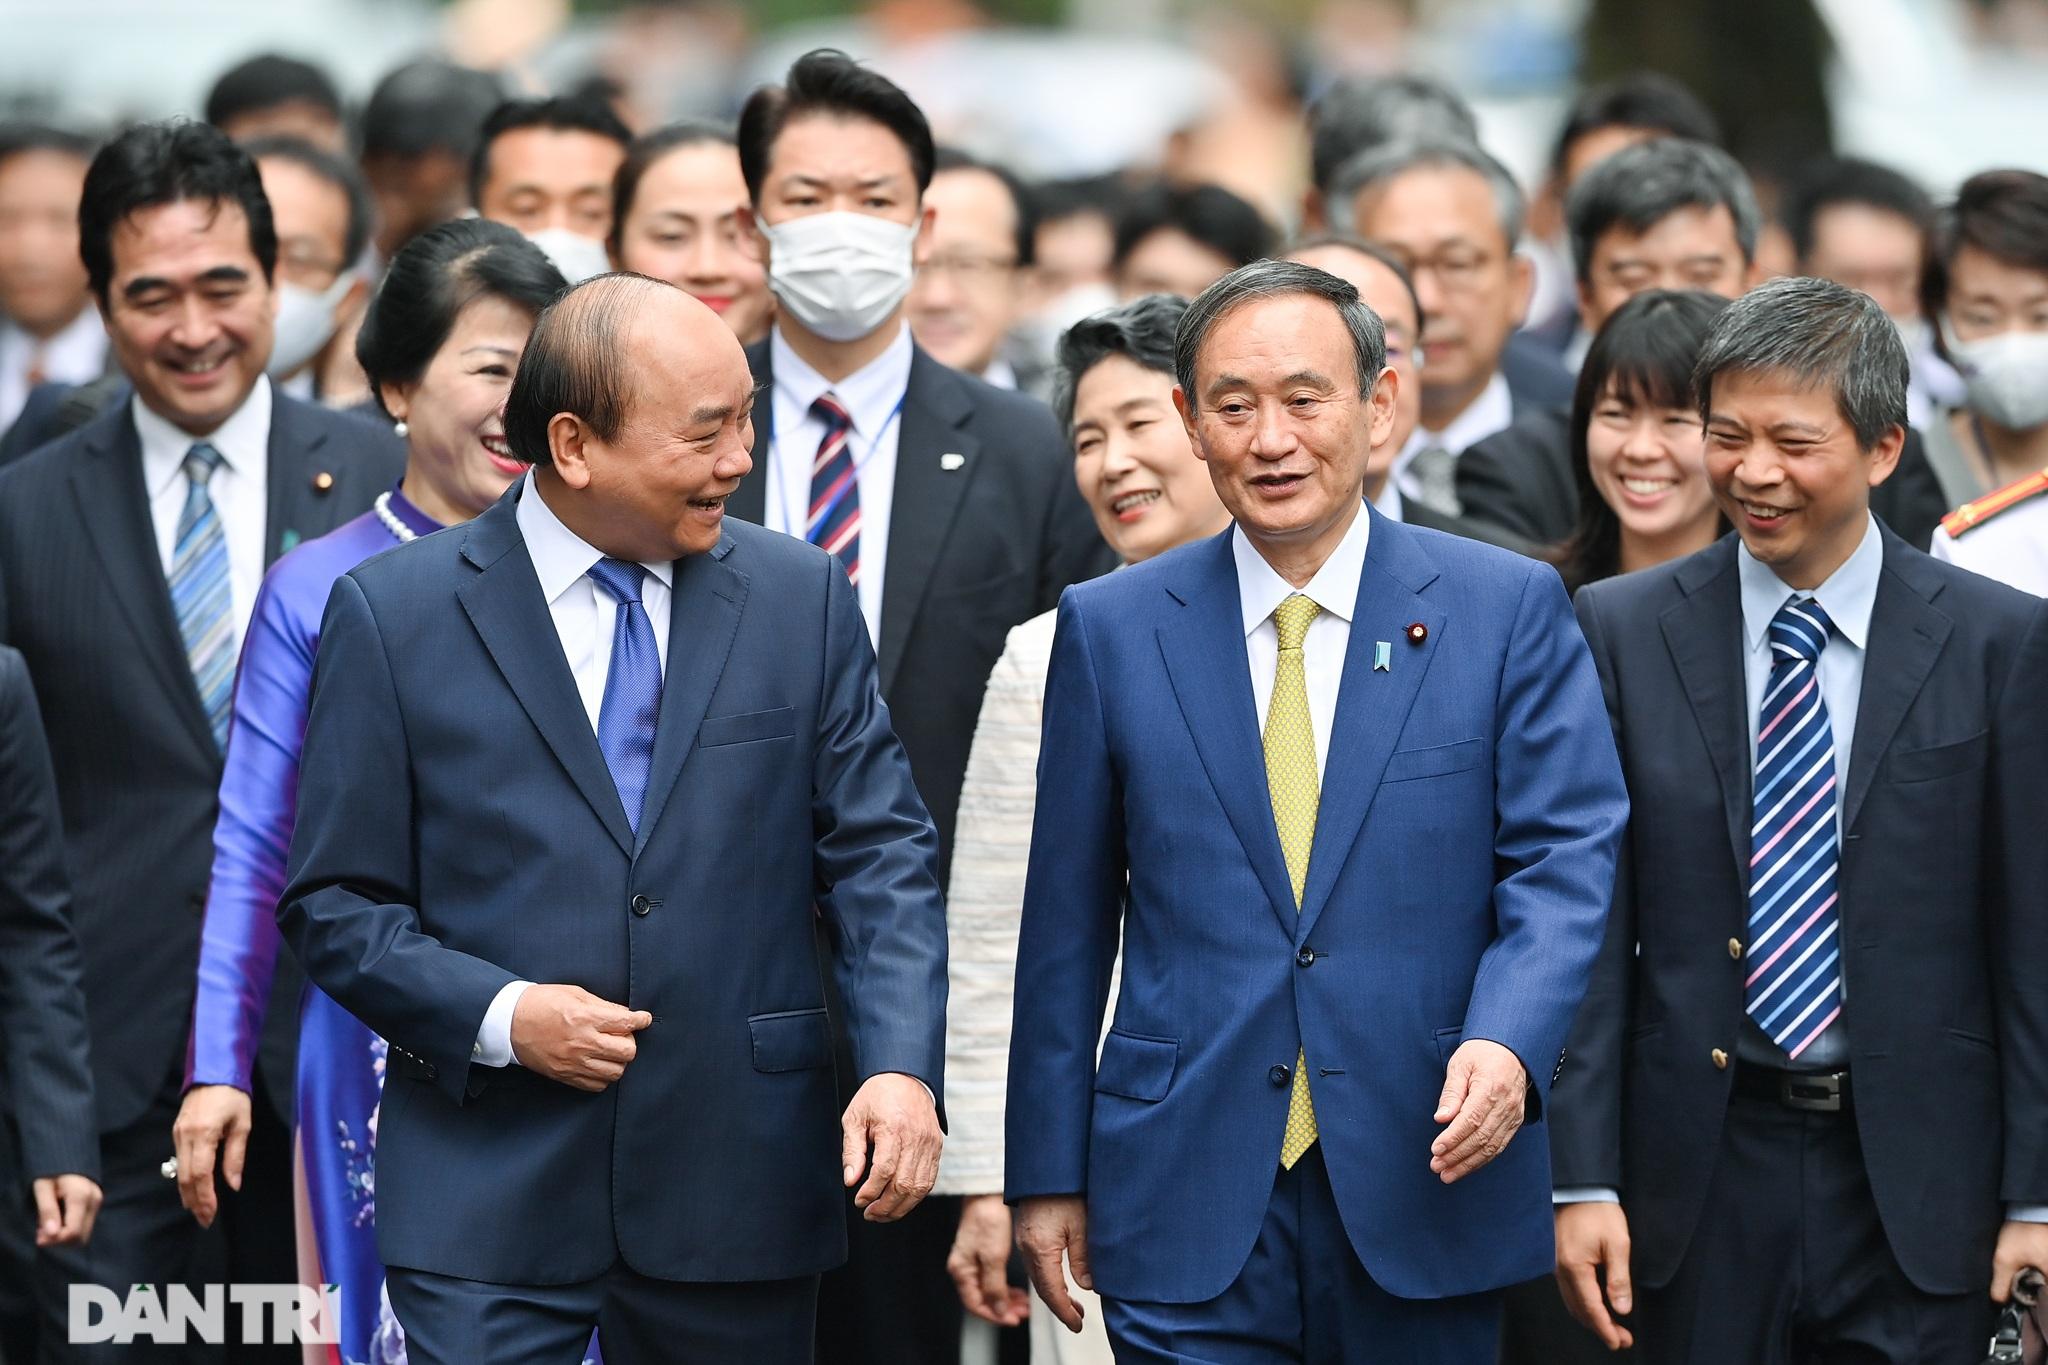 Lễ đón chính thức Thủ tướng Nhật Bản Suga Yoshihide và phu nhân tại Hà Nội - 7